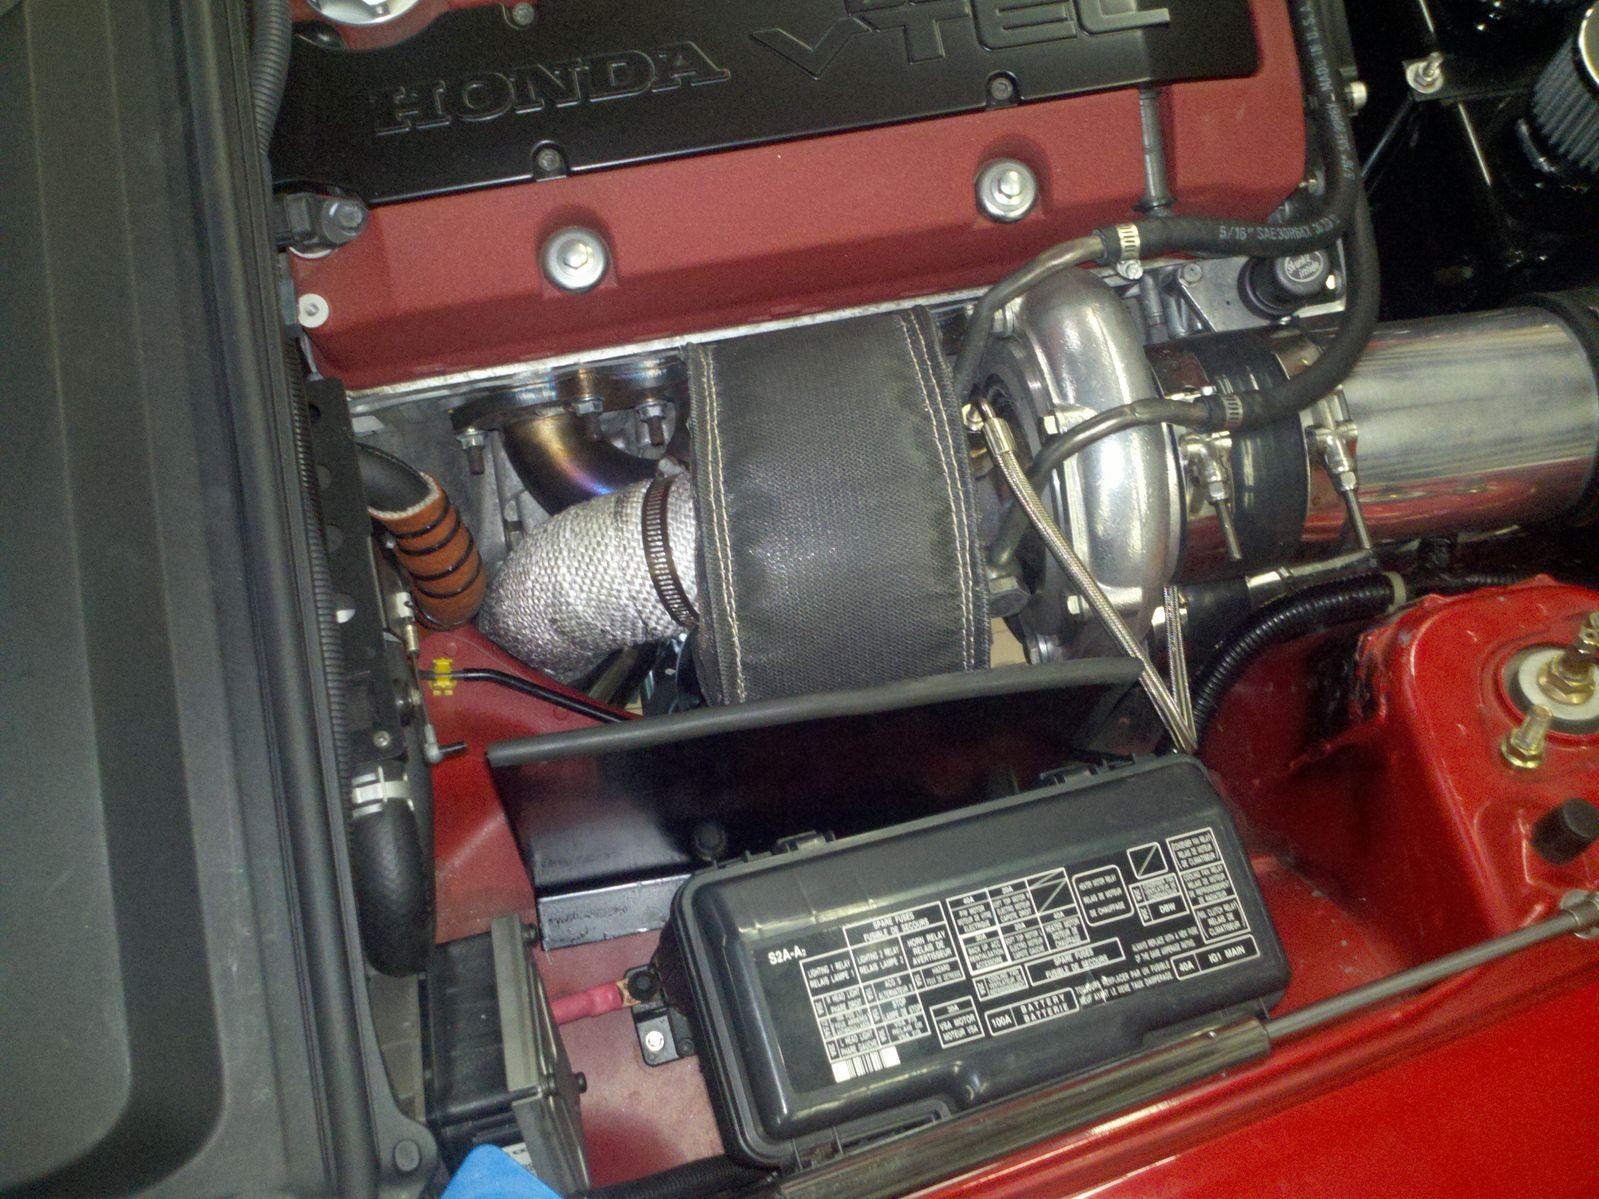 s2000 fuse box relocation lf 3960  honda s2000 interior fuse box in addition battery  lf 3960  honda s2000 interior fuse box